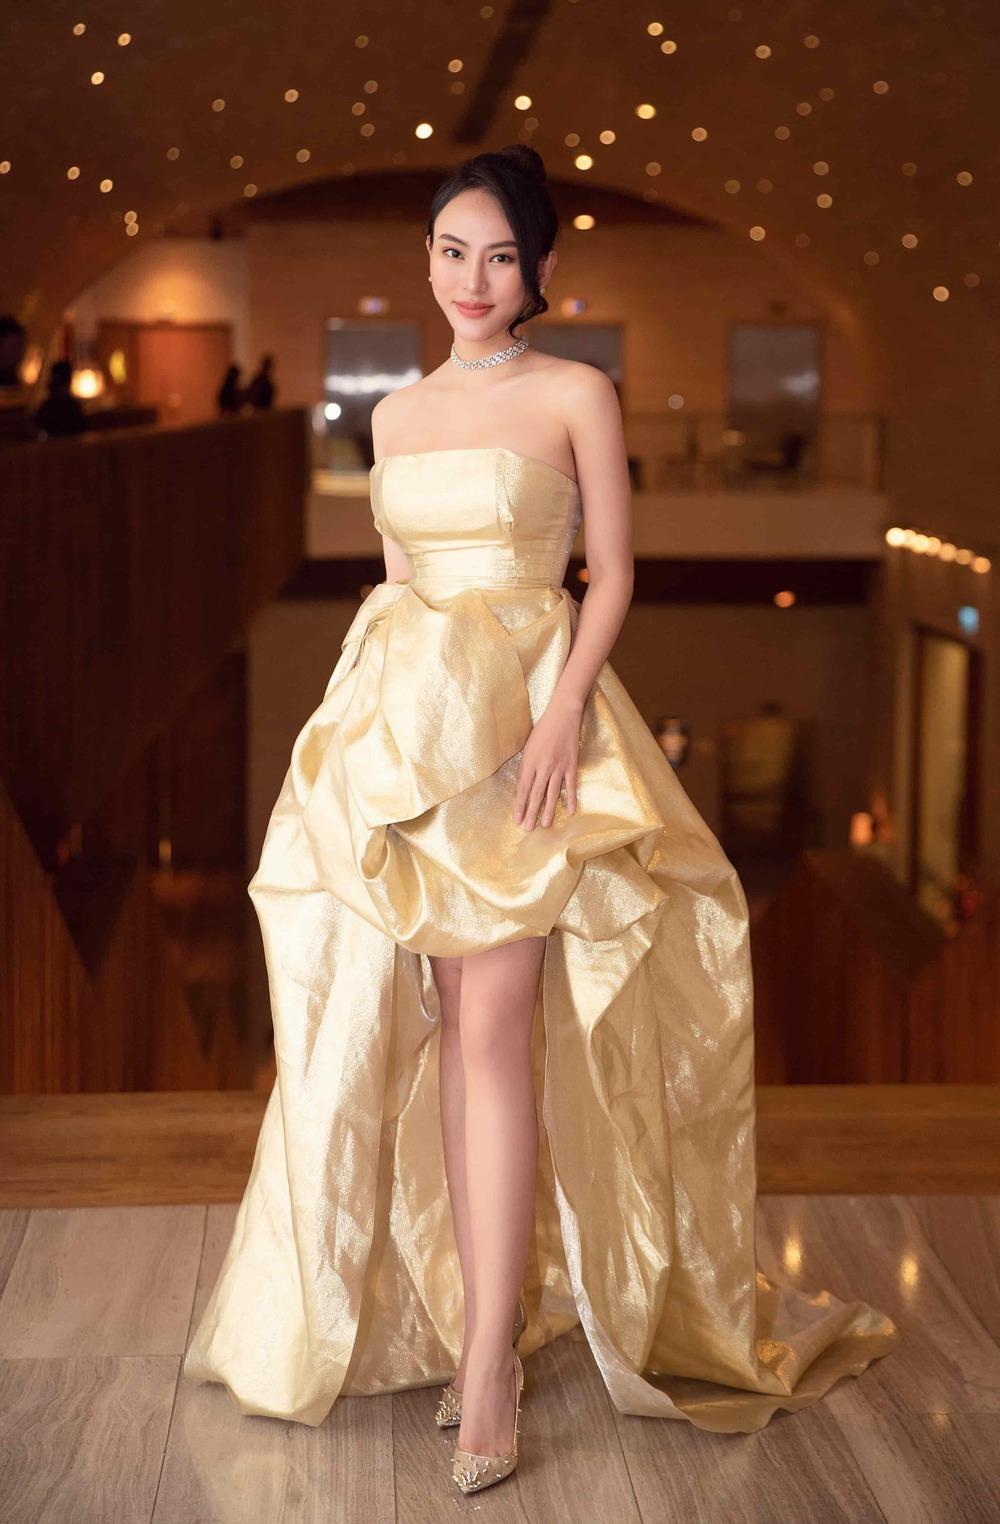 Hoa hậu Thu Hoàng lộng lẫy đi nghe nhạc - Tin sao Viet - Tin tuc sao Viet - Scandal sao Viet - Tin tuc cua Sao - Tin cua Sao